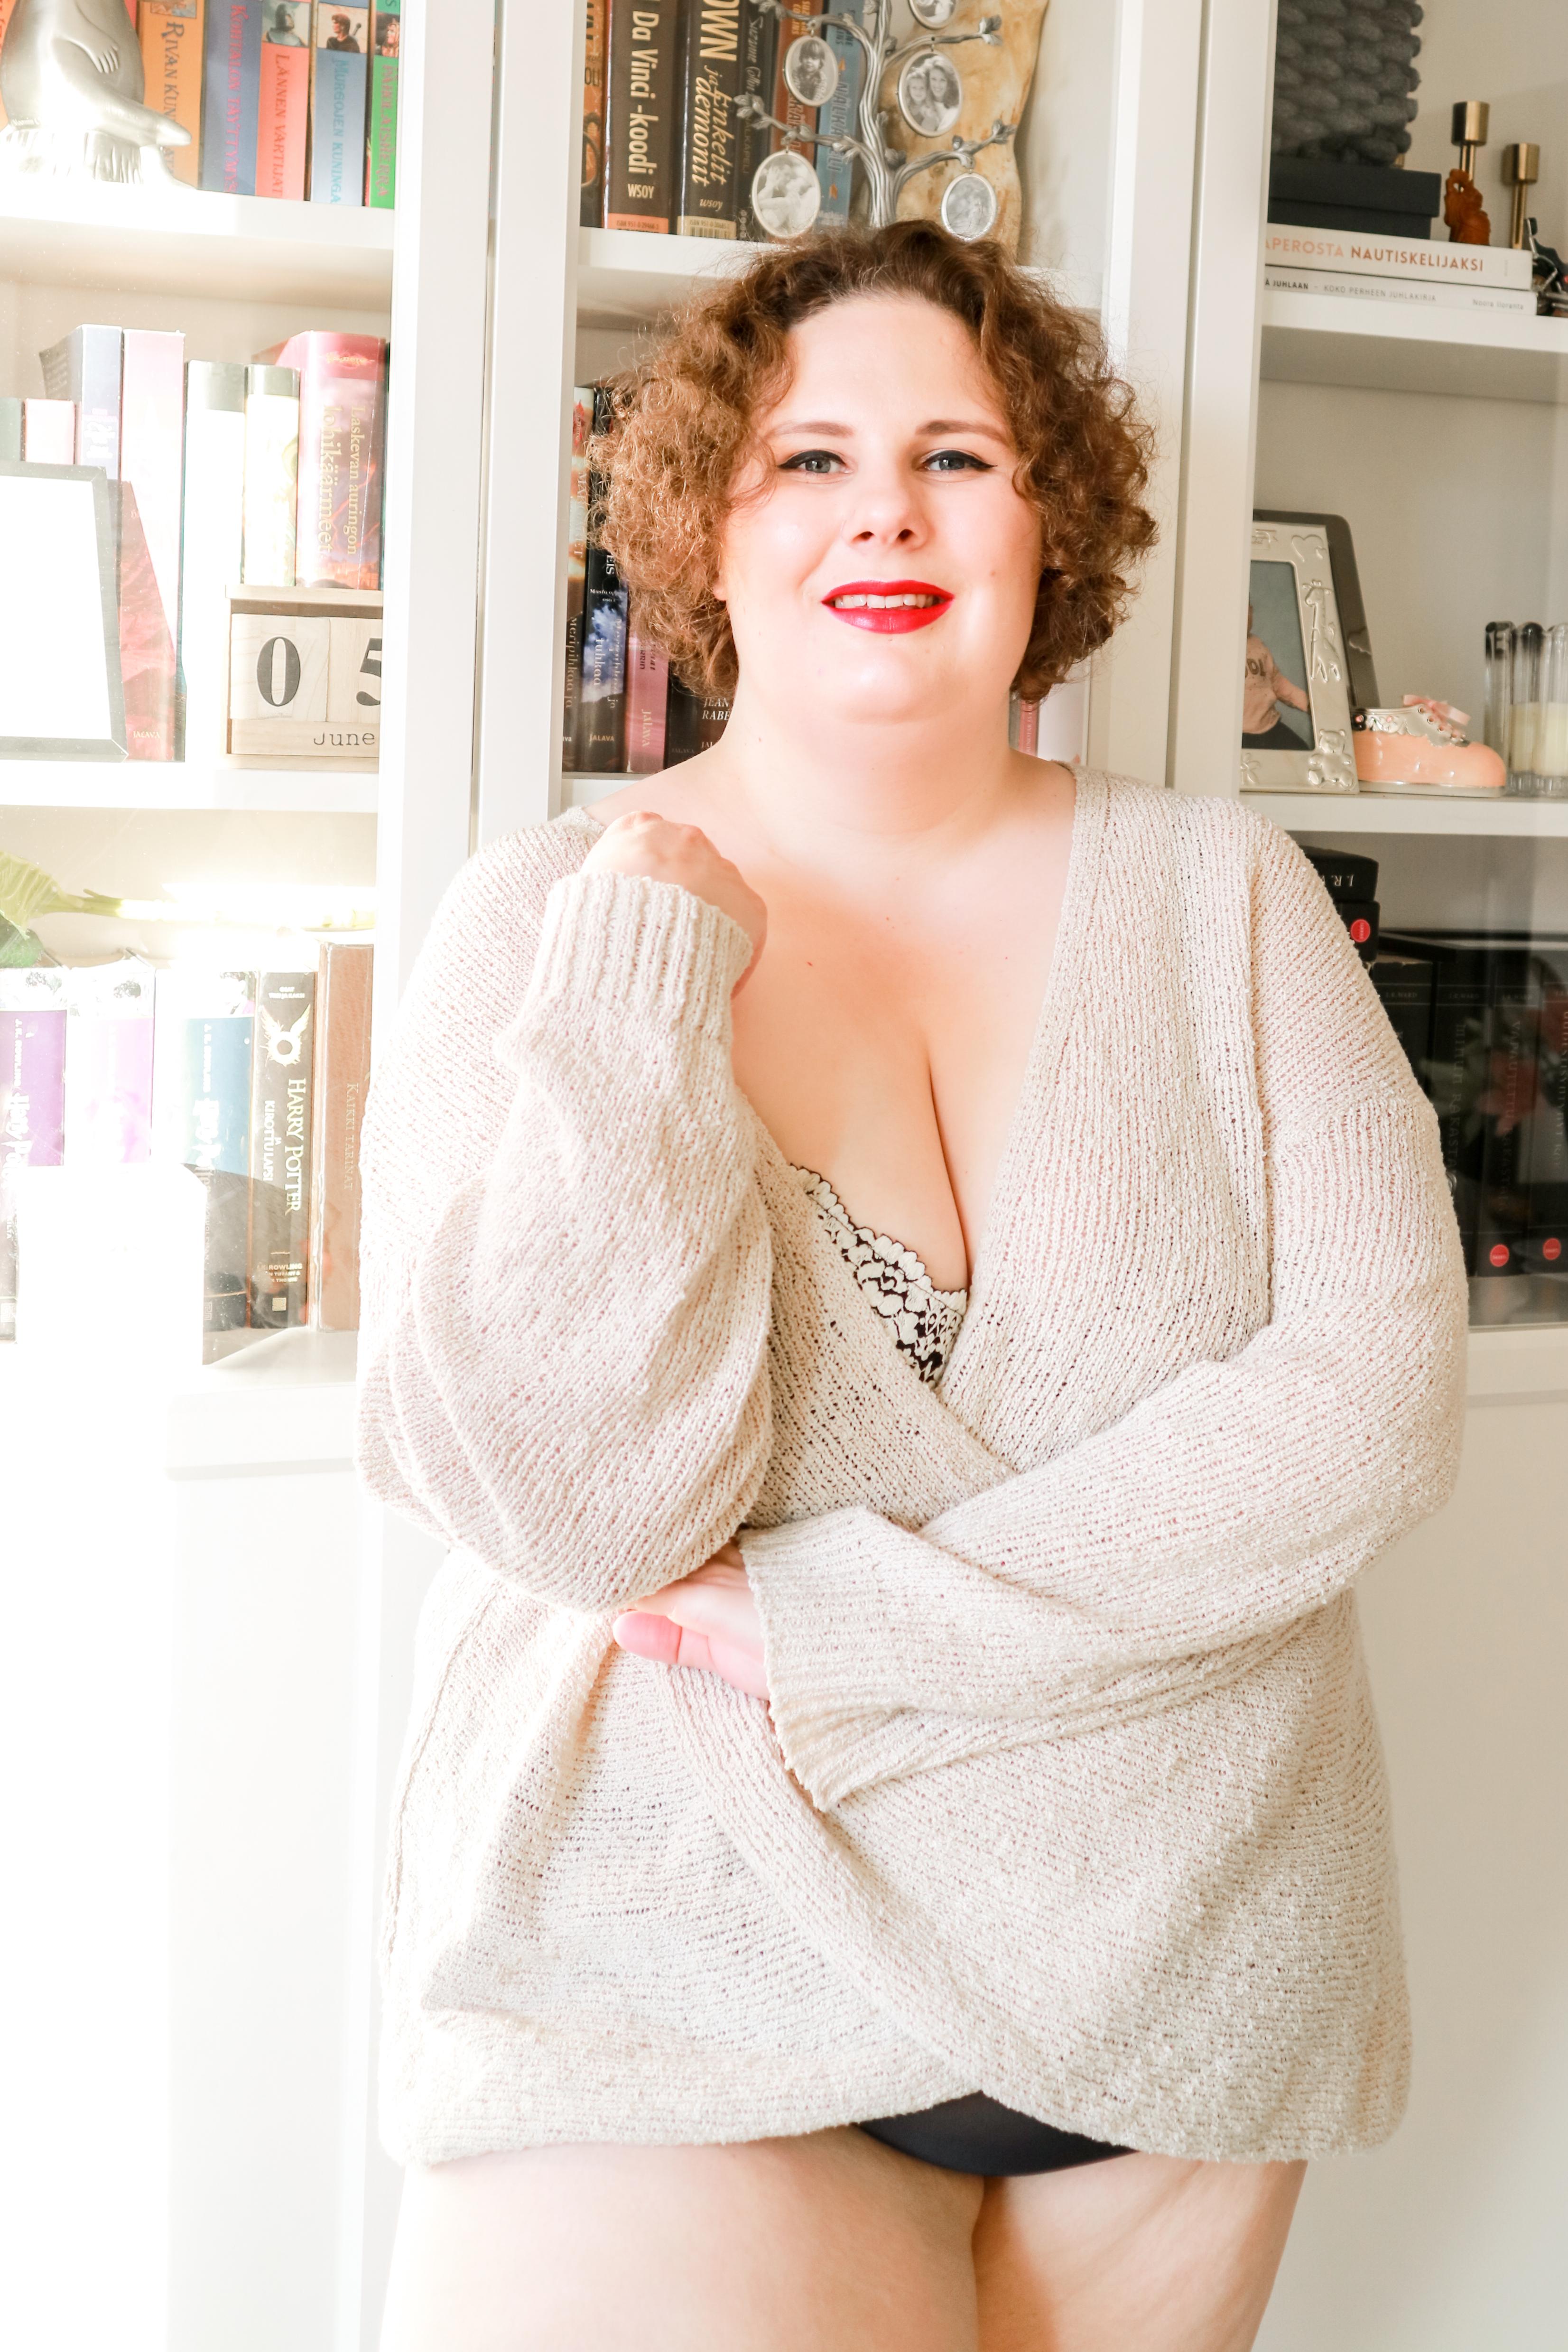 Big mamas home by Jenni S. Seksistä puhumisen vaikeus